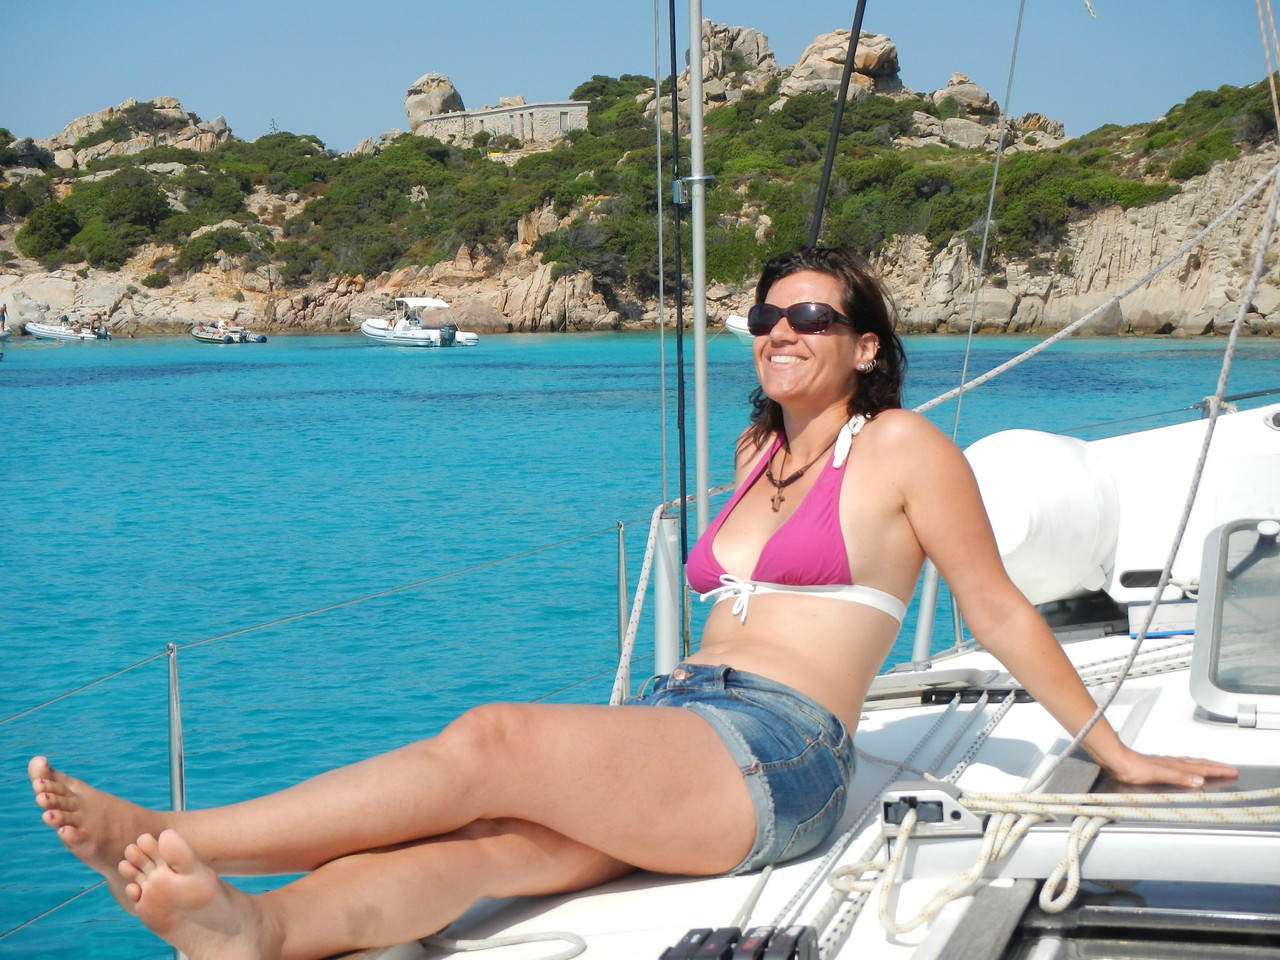 Anja genießt offensichtlich, ein geniales Bild. Chillen und Relaxen an Bord der Yacht.